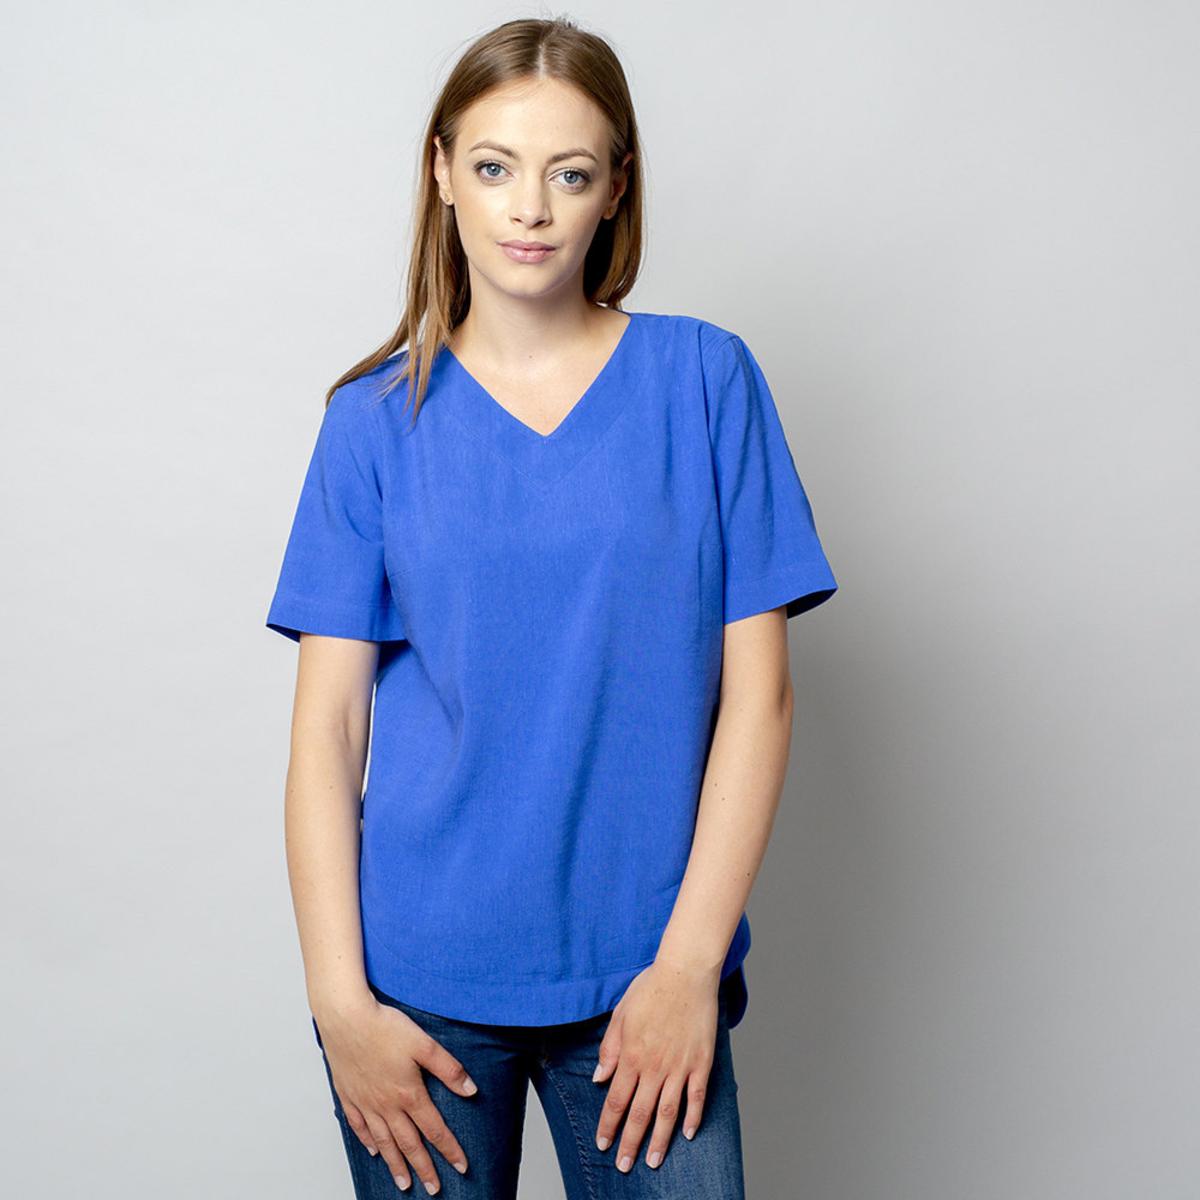 Dámske tričko modrej farby s prídavkom ľanu 10909 34